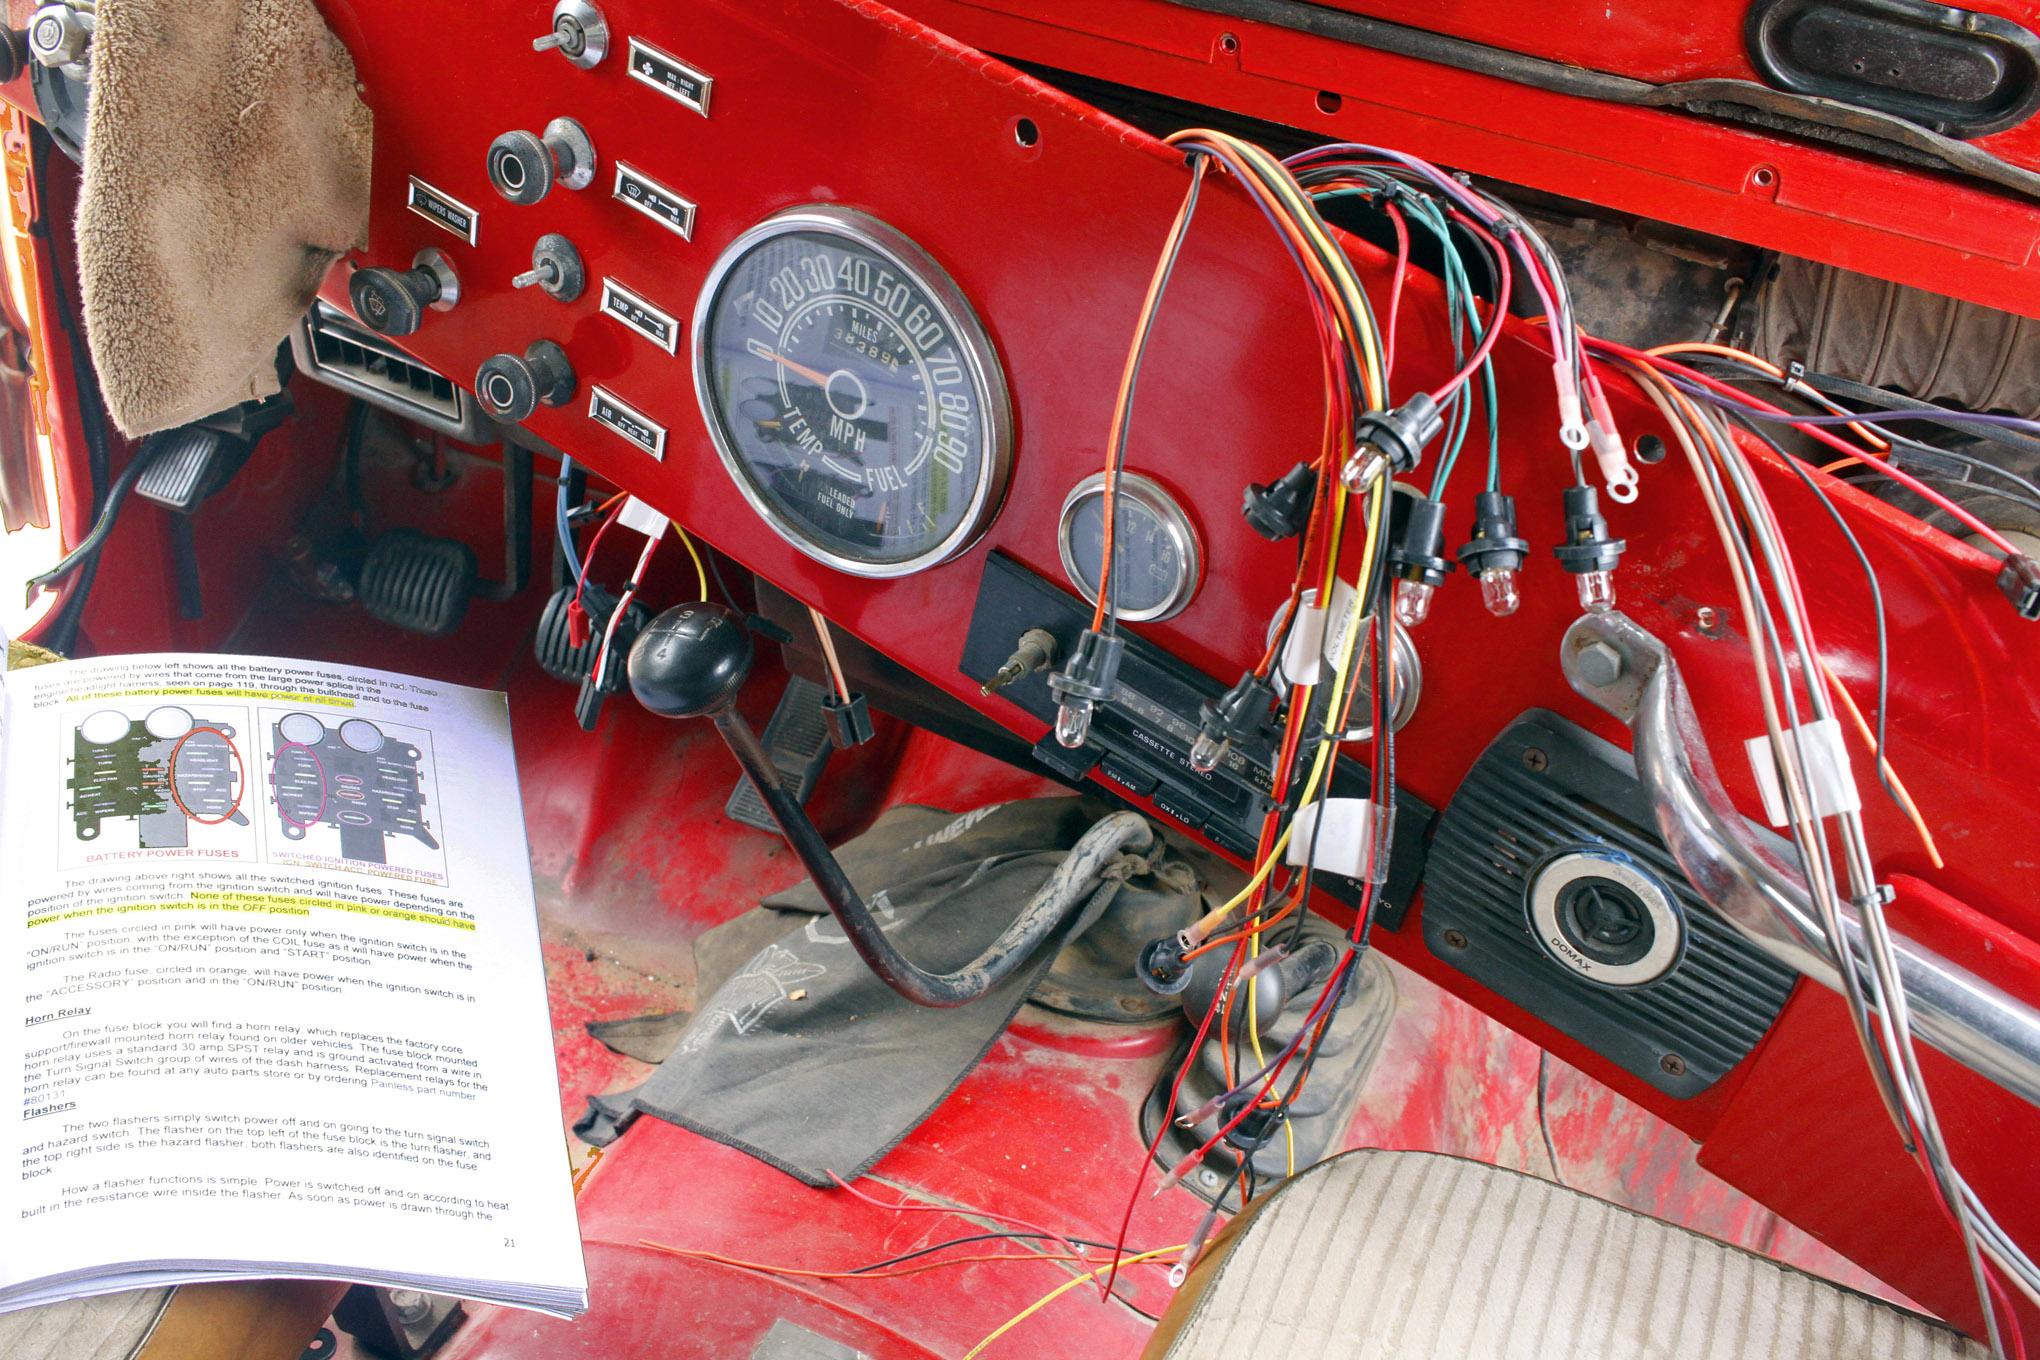 Jeep Cj7 Firewall Wiring Harness Color Diagram | Wiring Diagram Jeep Cj Wiring Harness Diagram on jeep cj7 heater cable diagram, jeep cj7 heater hose diagram, jeep cj7 wiper switch diagram, jeep cj7 solenoid diagram, 1982 jeep cj7 vacuum diagram, jeep cj7 brake line diagram, jeep cj7 horn button diagram,